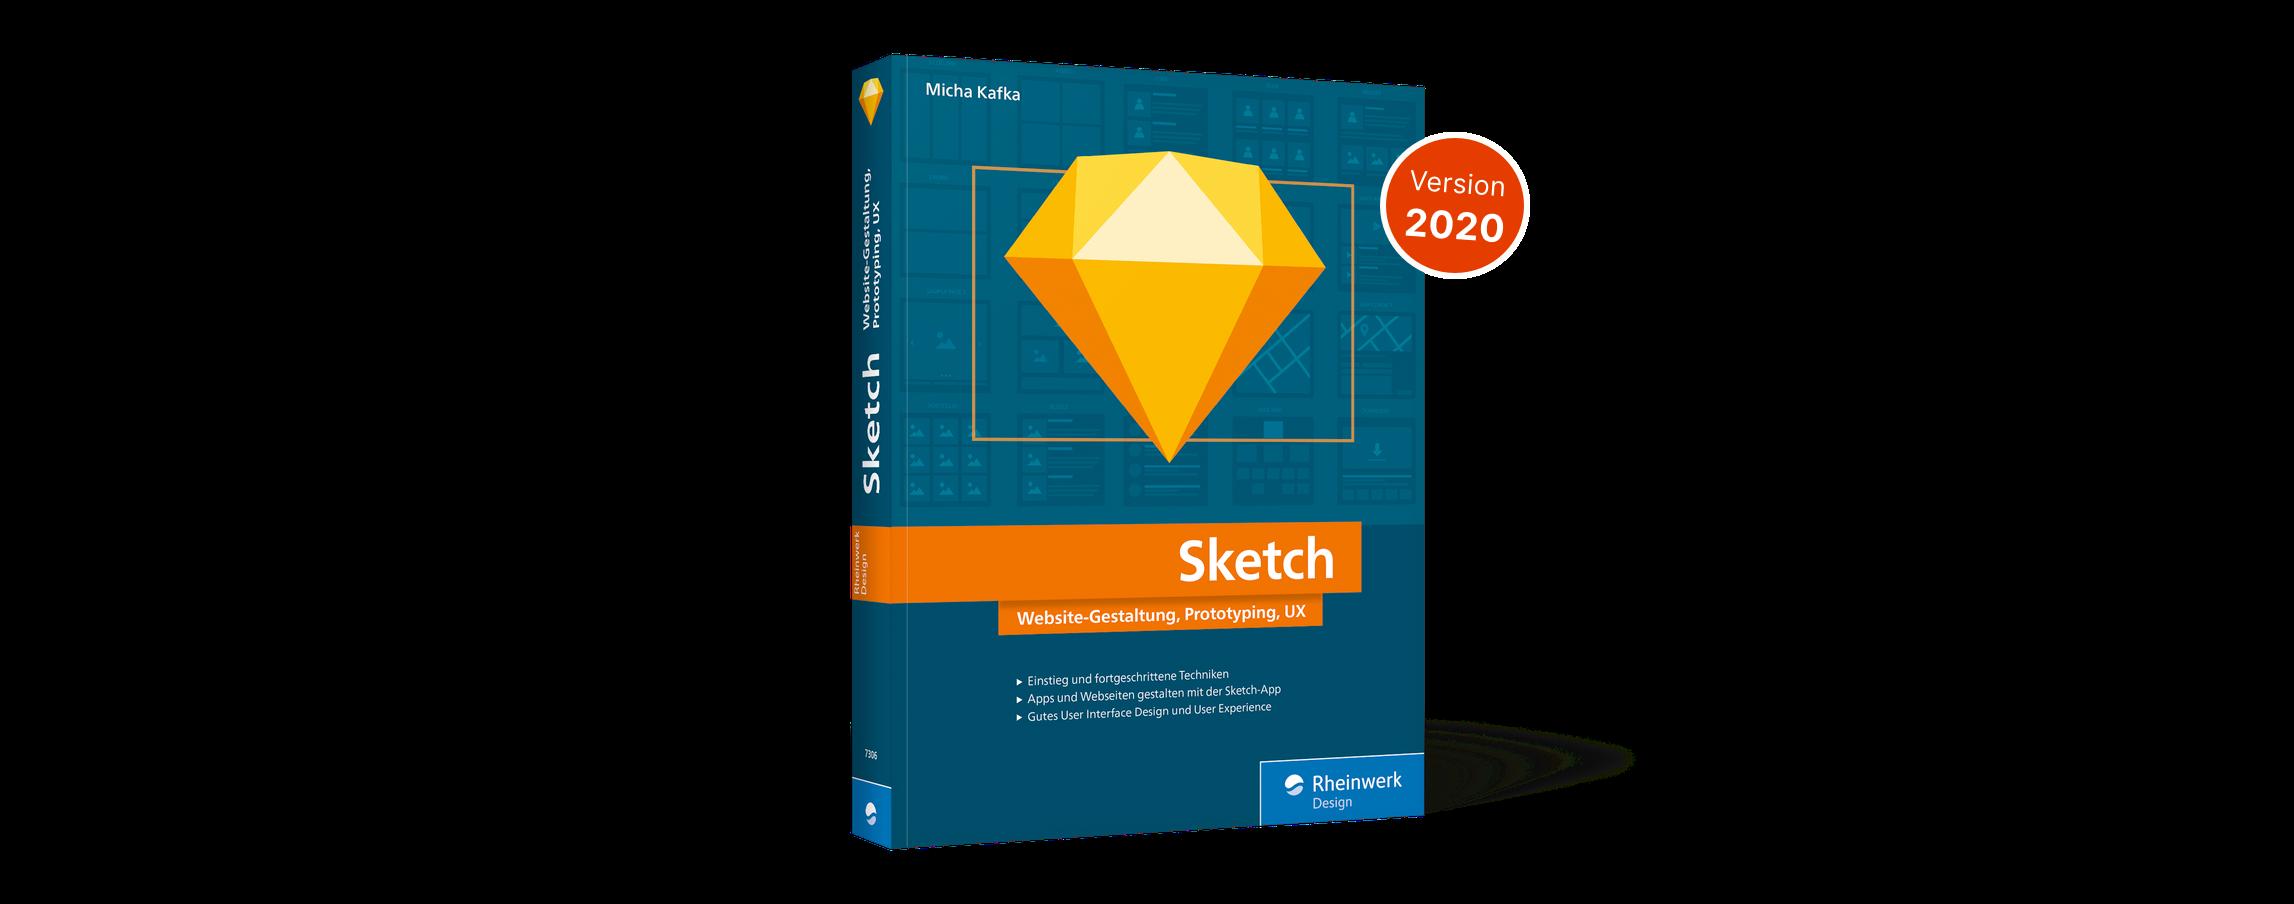 Webdesign, Prototyping und Design Systems mit Sketch auf mehr als 350 Seiten für Anfänger und Fortgeschrittene im Sketch Buch